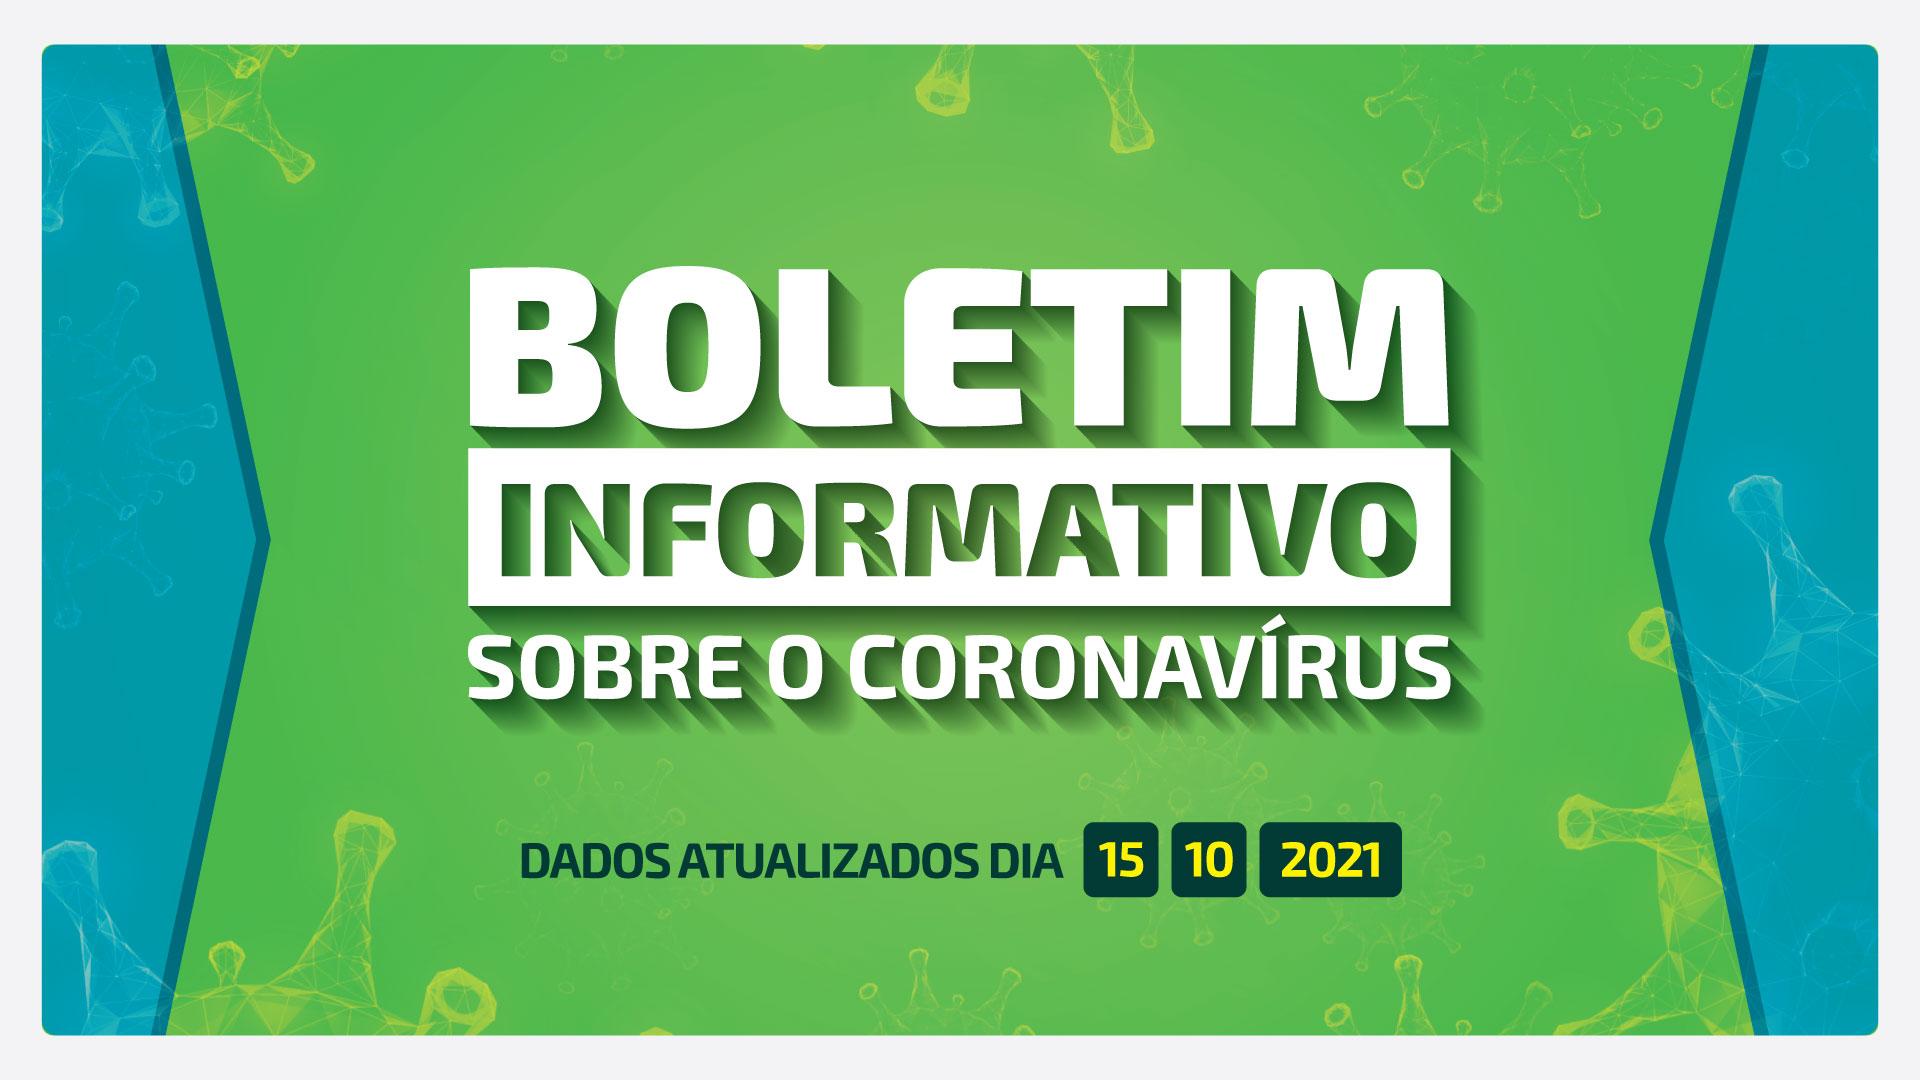 BOLETIM DIÁRIO DA COVID-19 EM BARRA BONITA - 15 DE OUTUBRO DE 2021